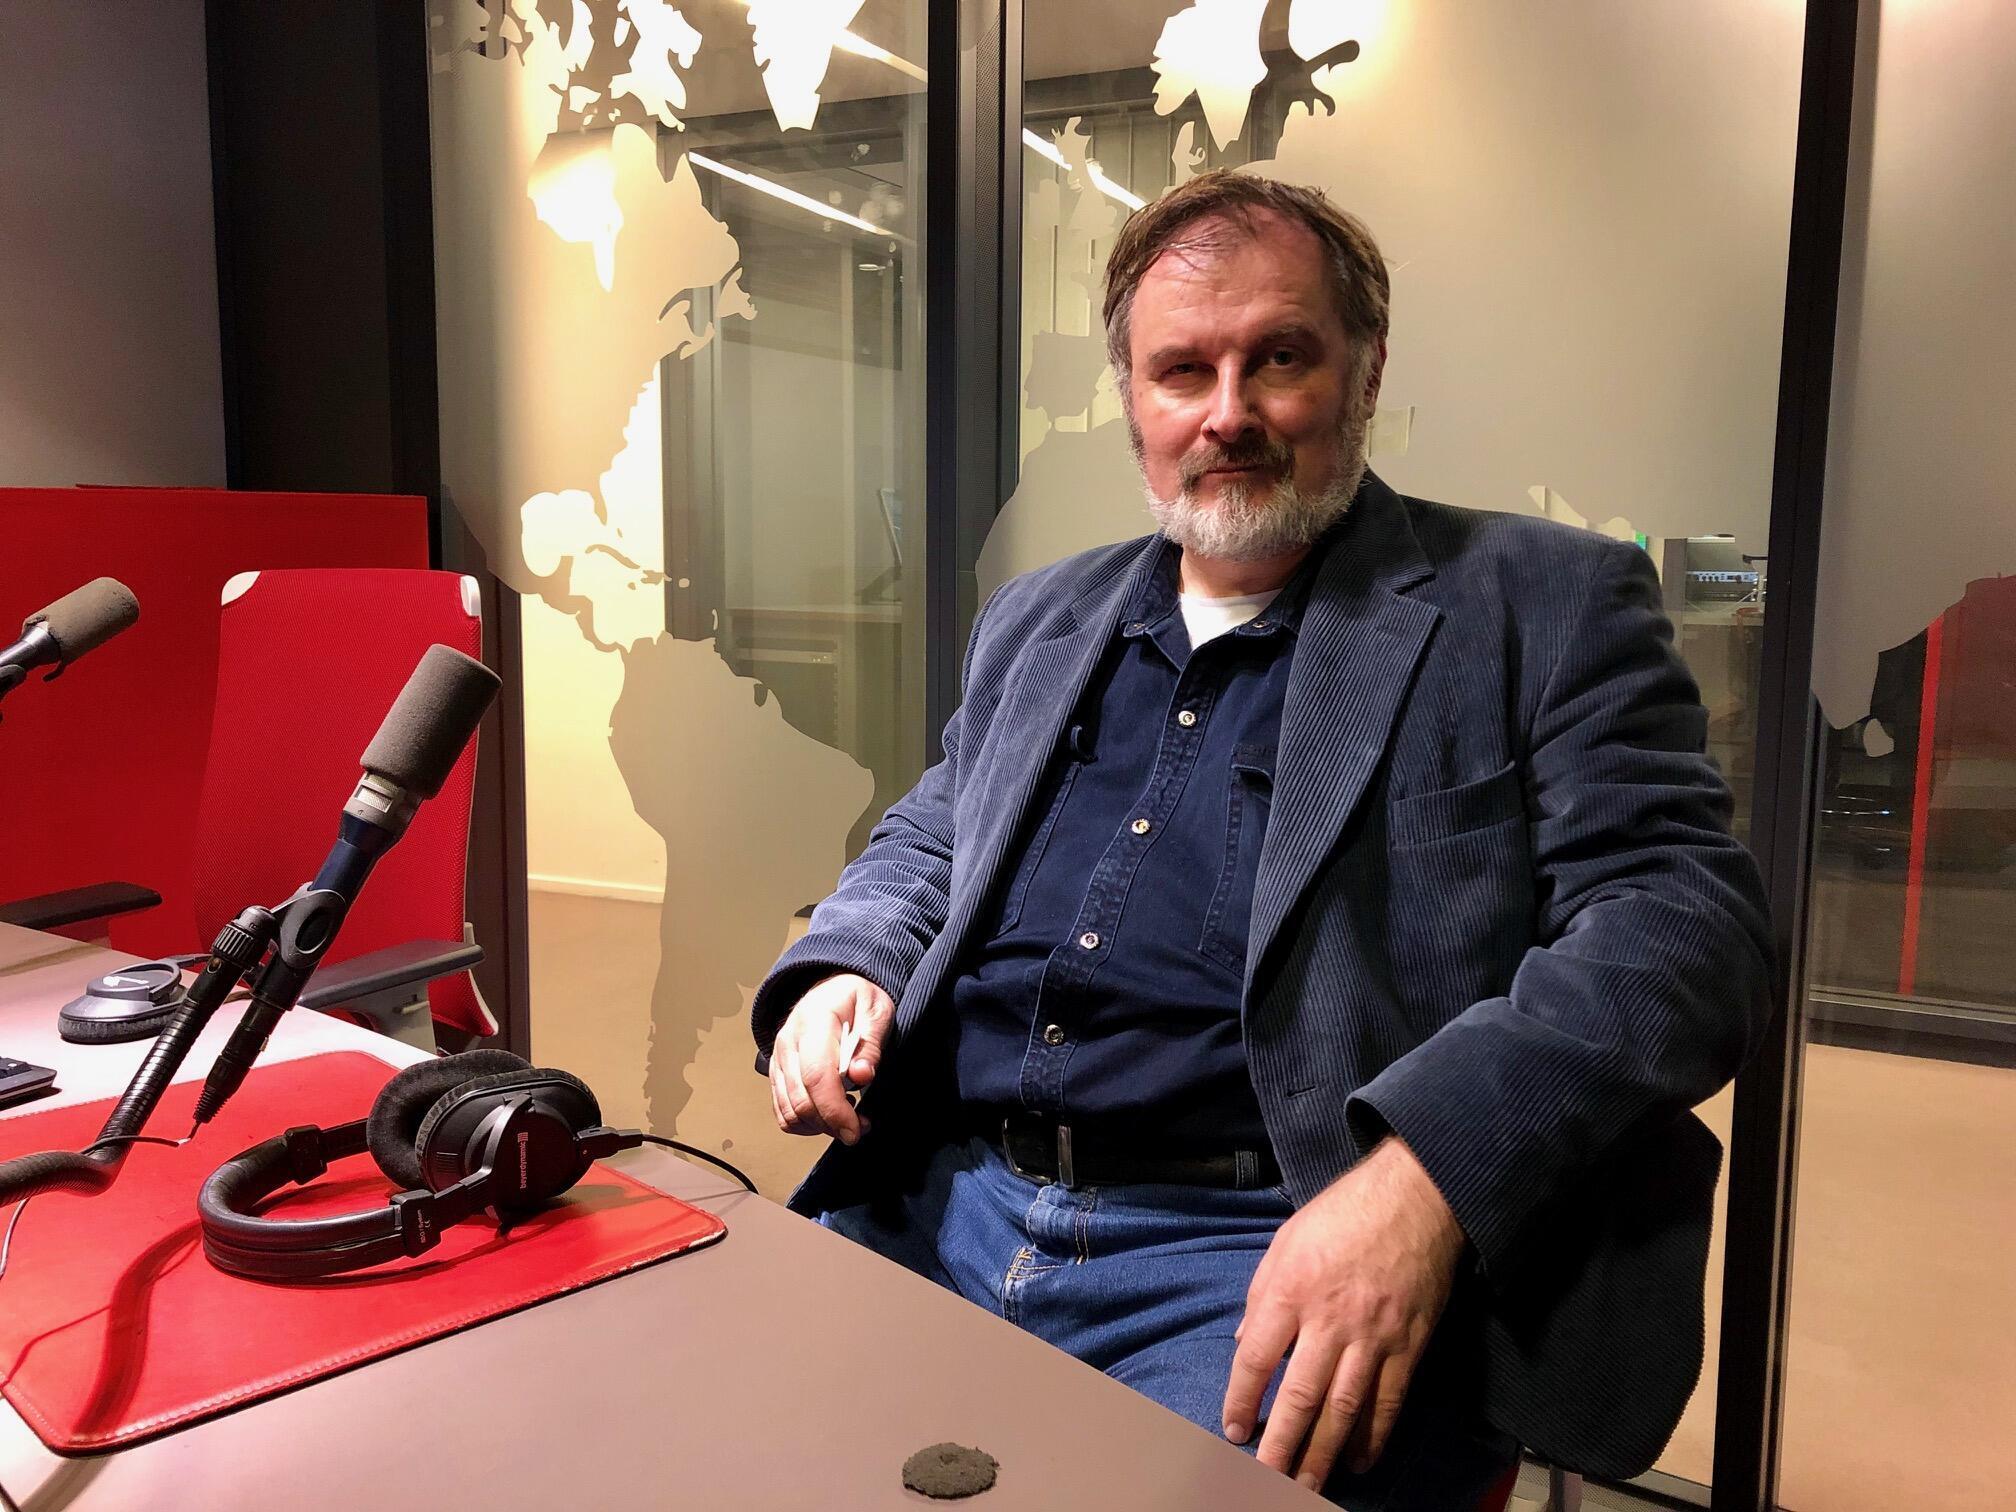 Александр Черкасов в студии RFI, 12 декабря 2018 года